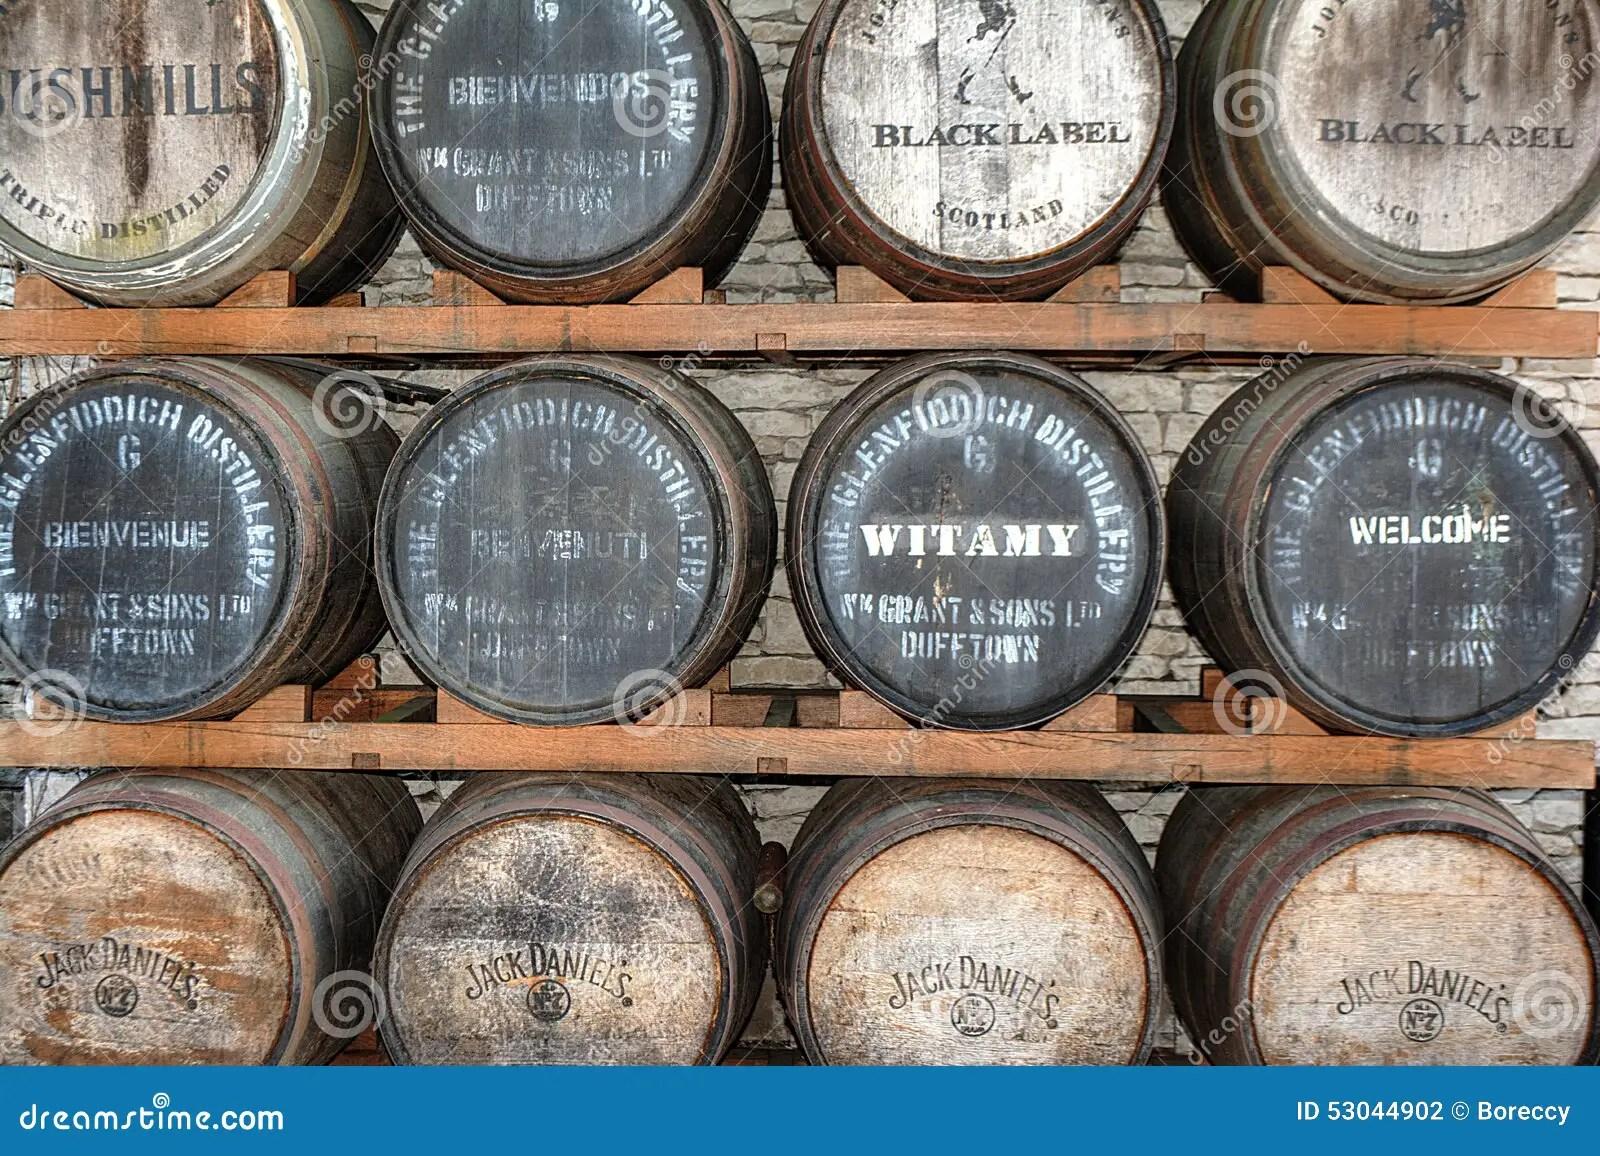 Johnnie Walker Jack Daniels Bushmills Whisky Barrel Stack